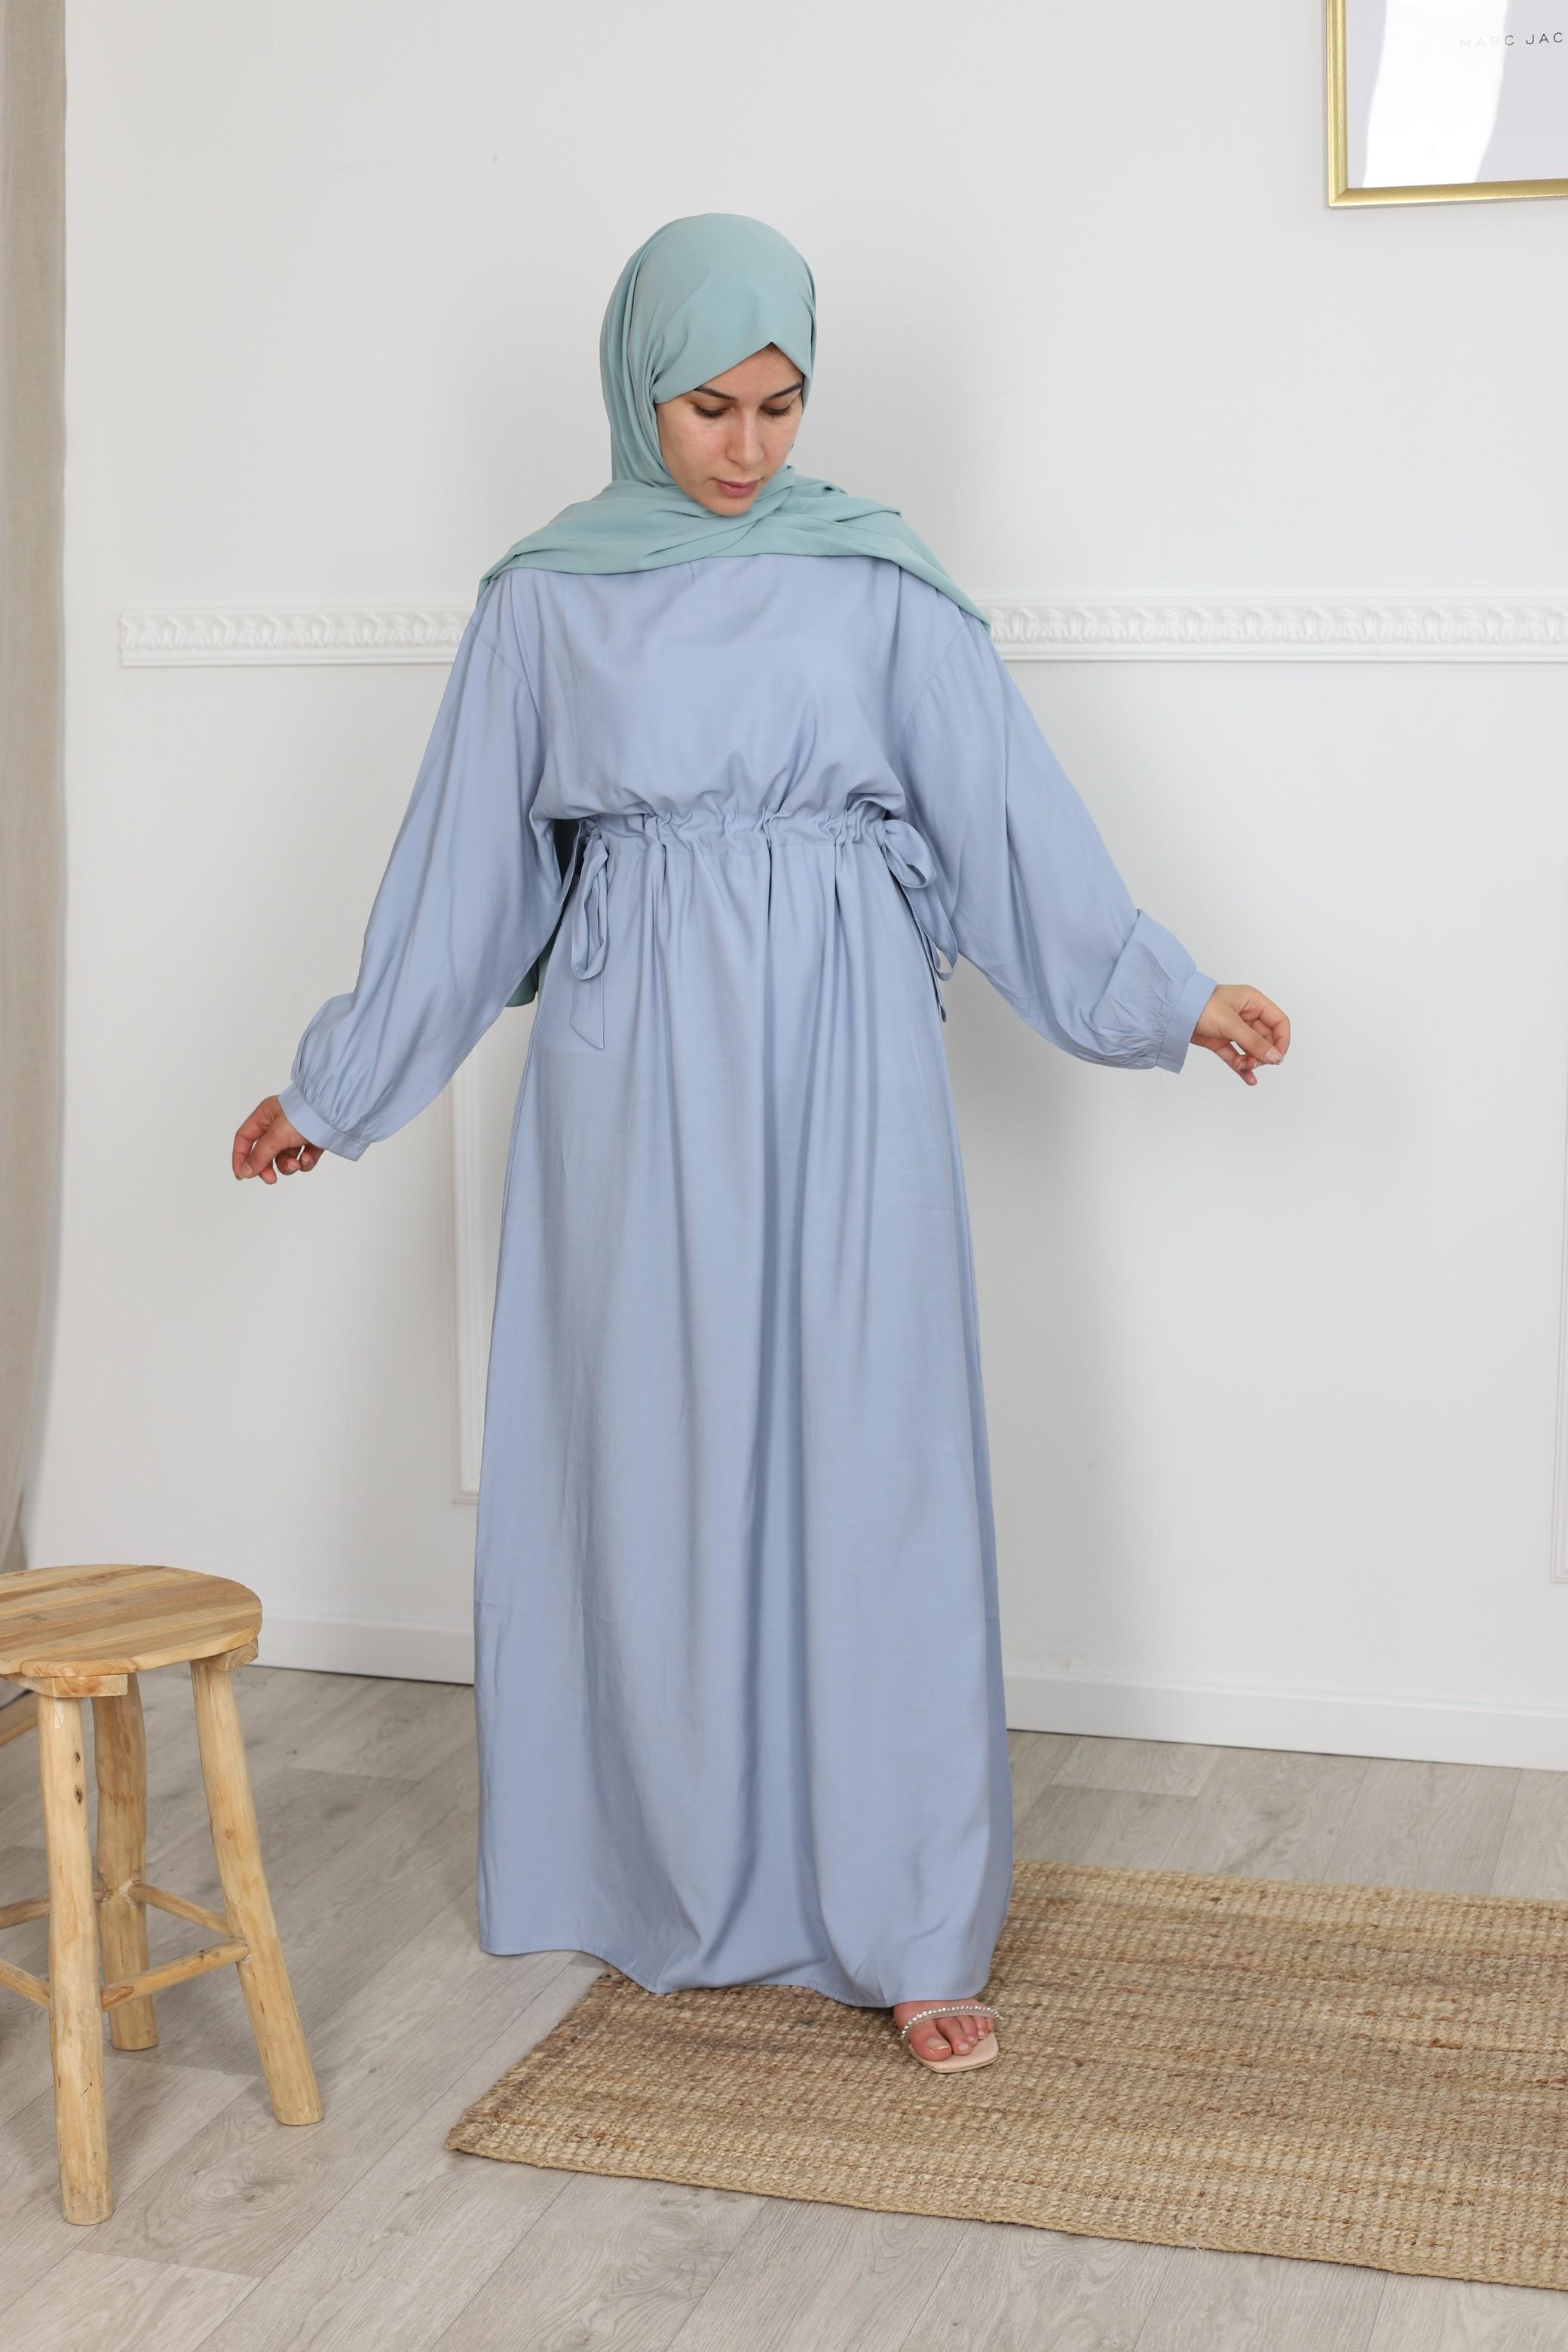 Robe droite fronce bleu iciel